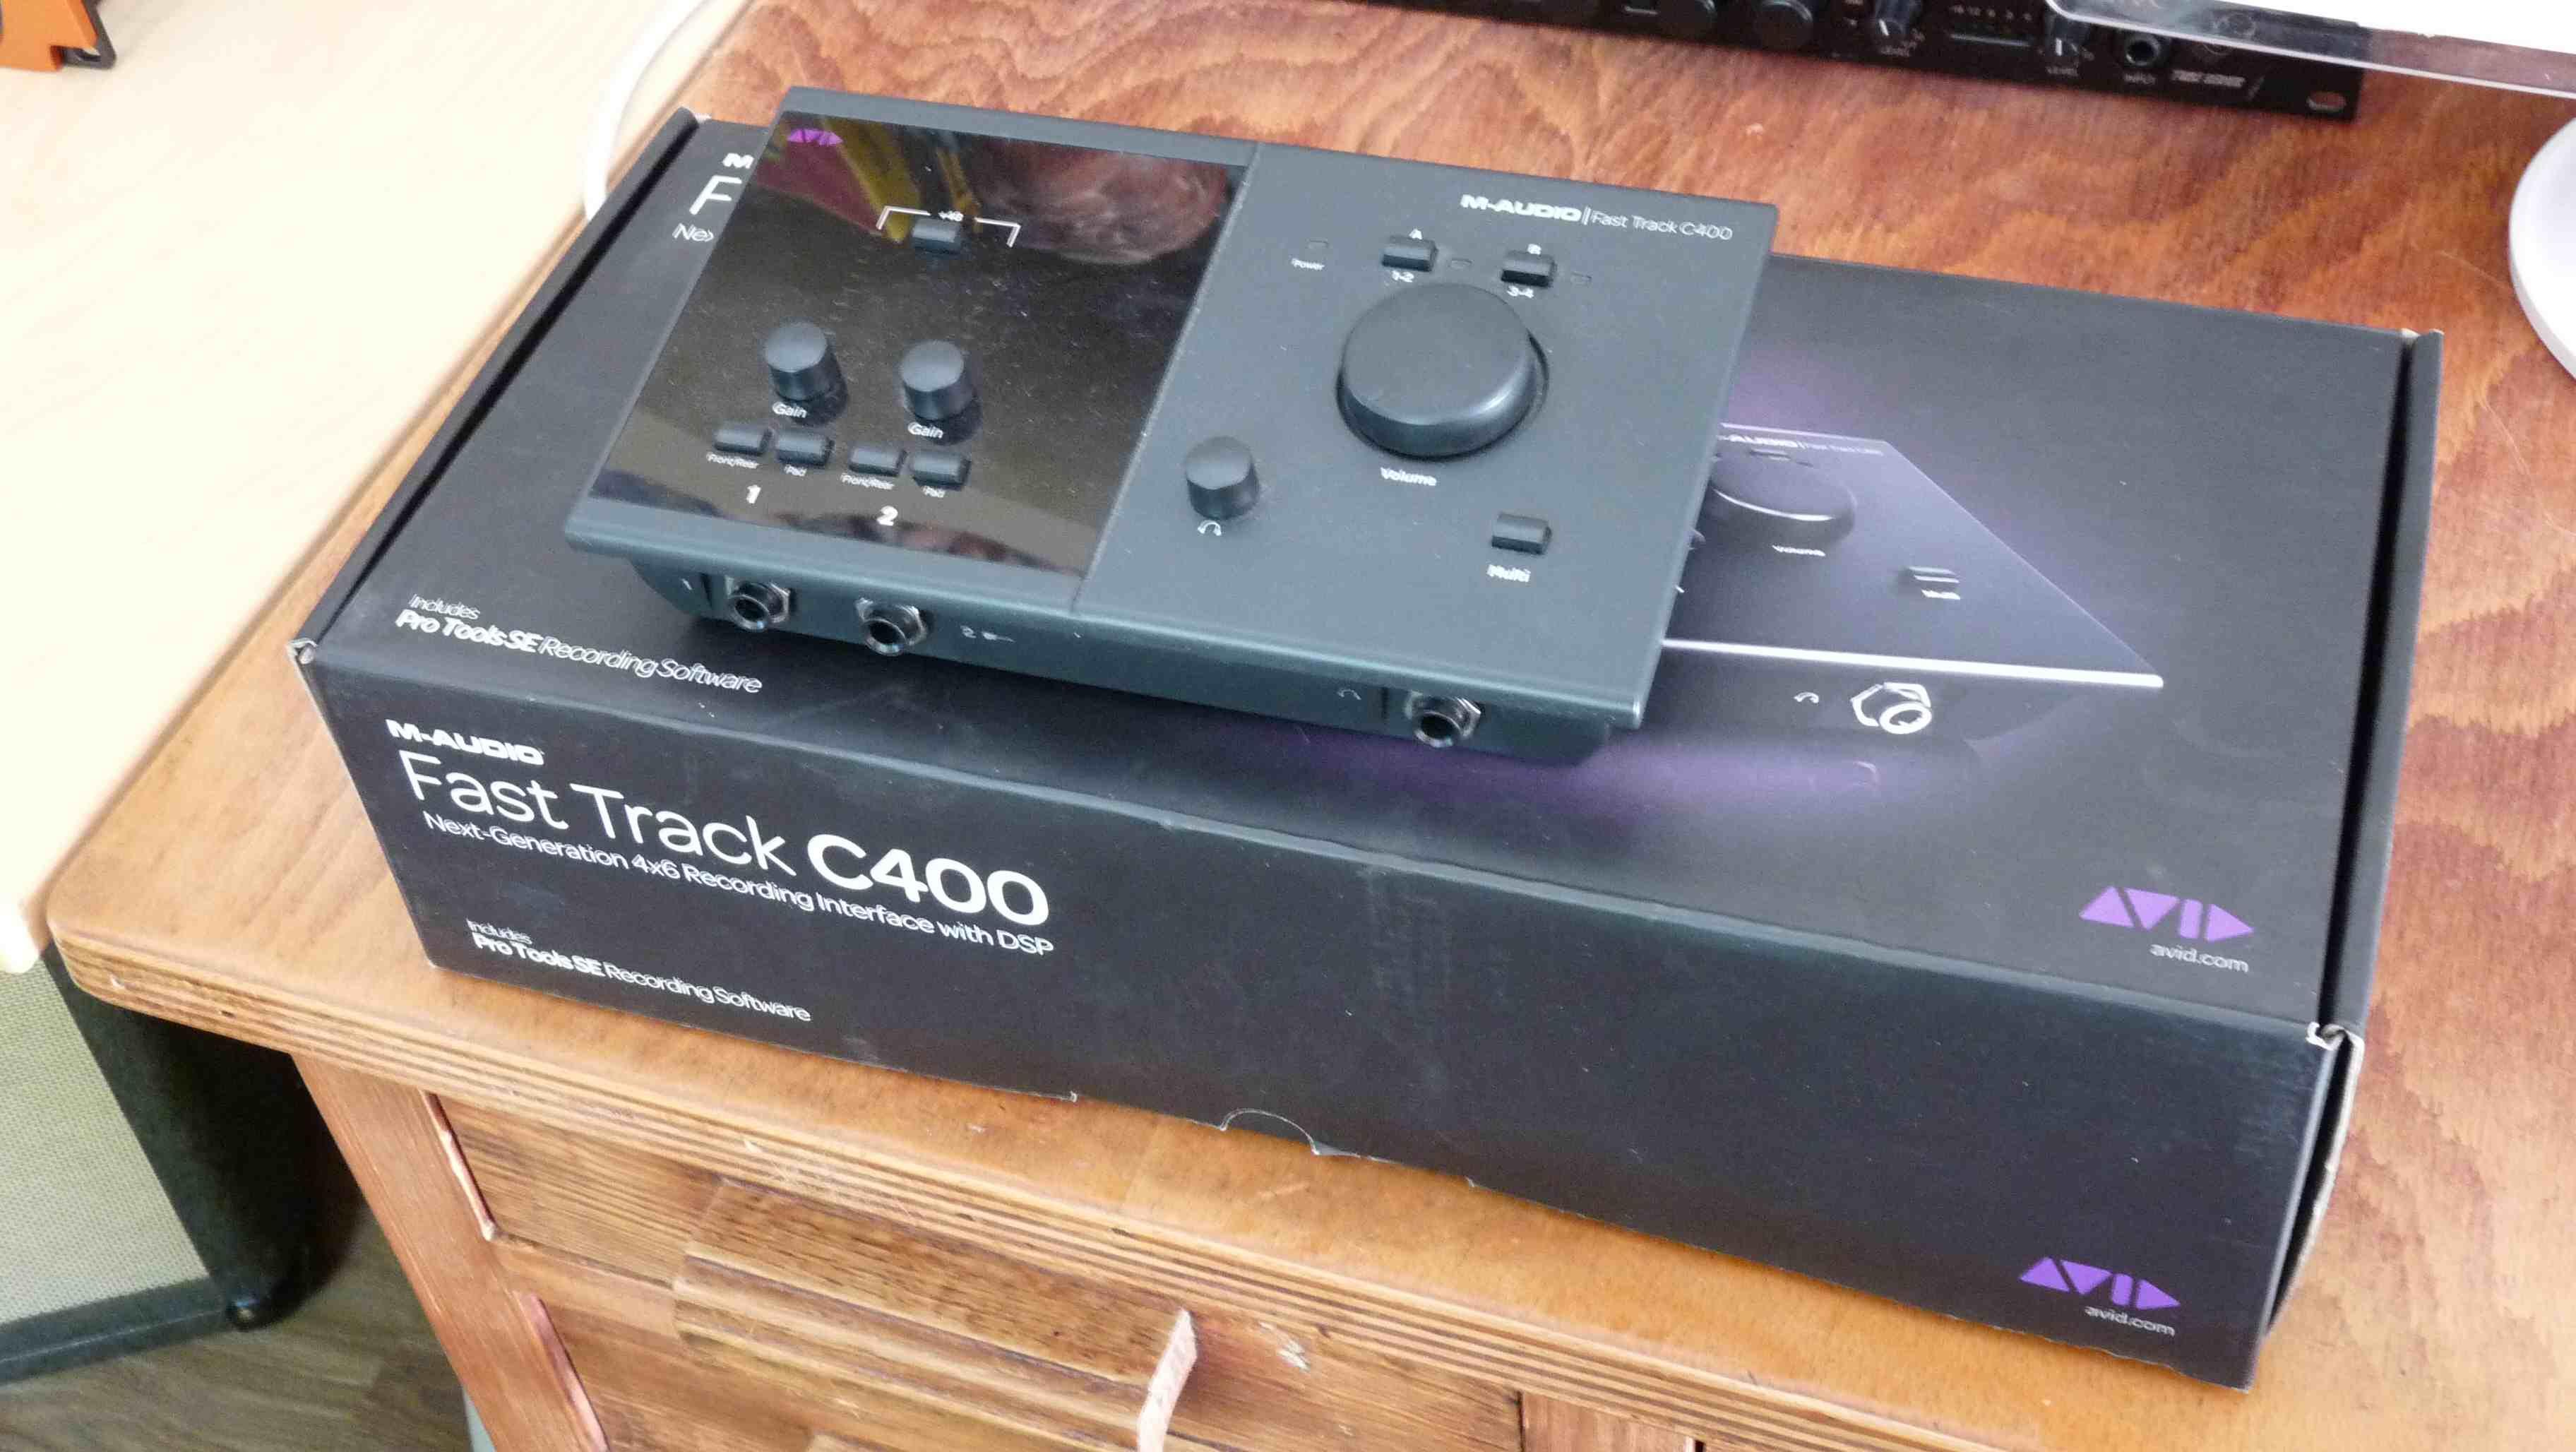 m audio fast track c400 image 868200 audiofanzine rh en audiofanzine com Avid Fast Track C400 Images Fast Track C400 Installer